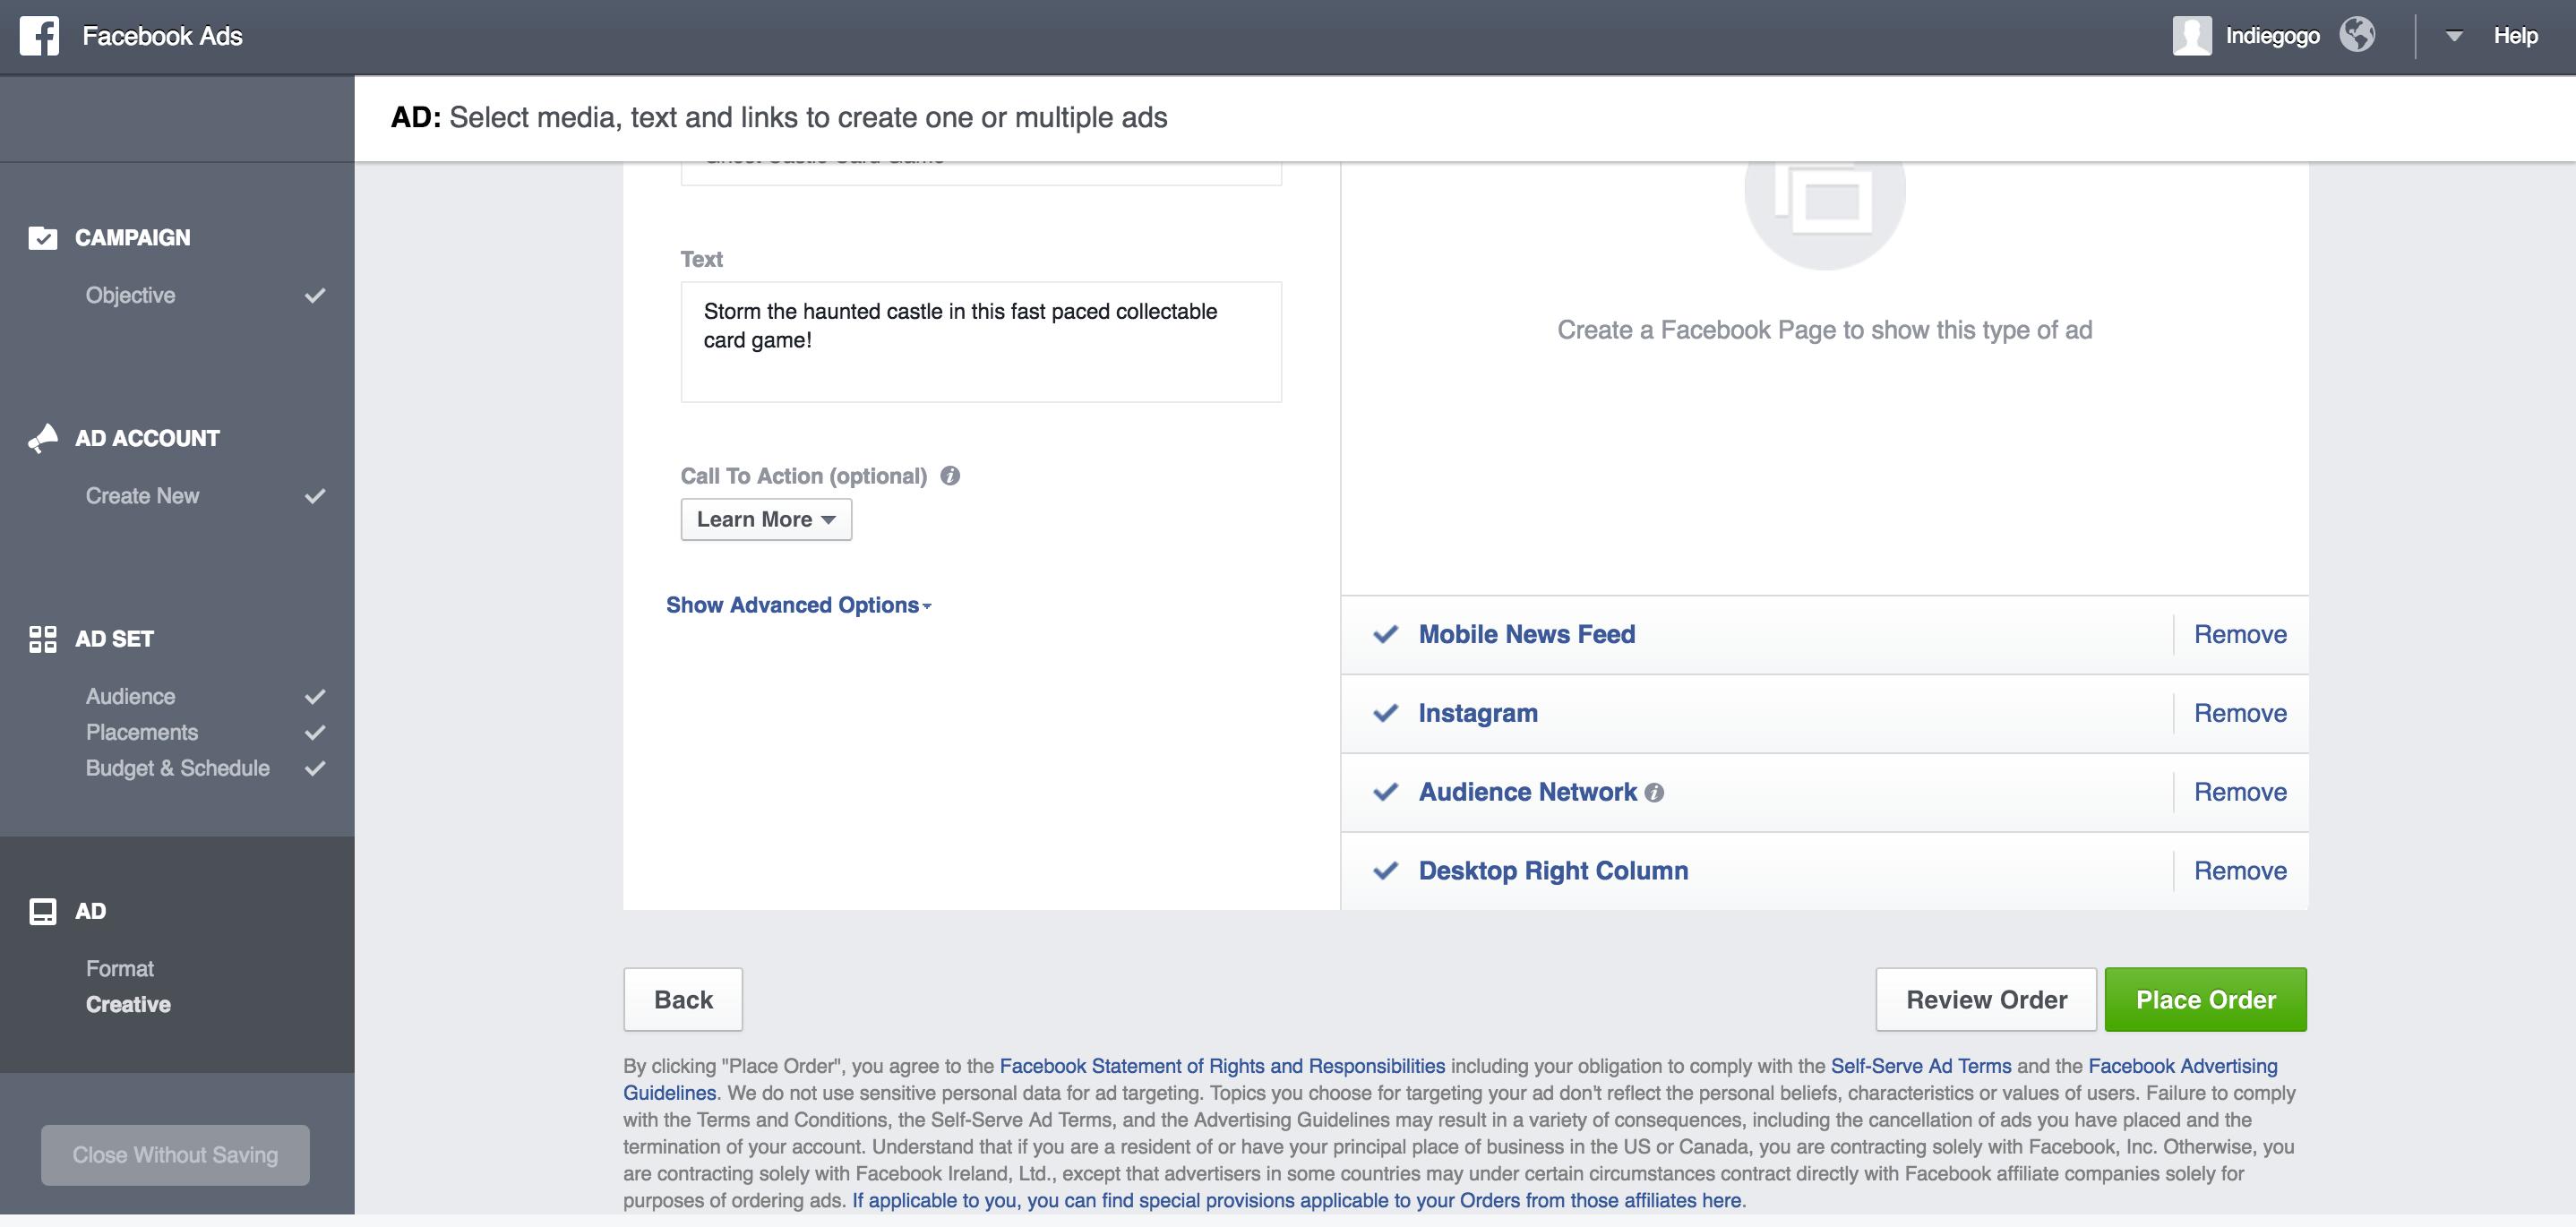 Facebook-ads-create